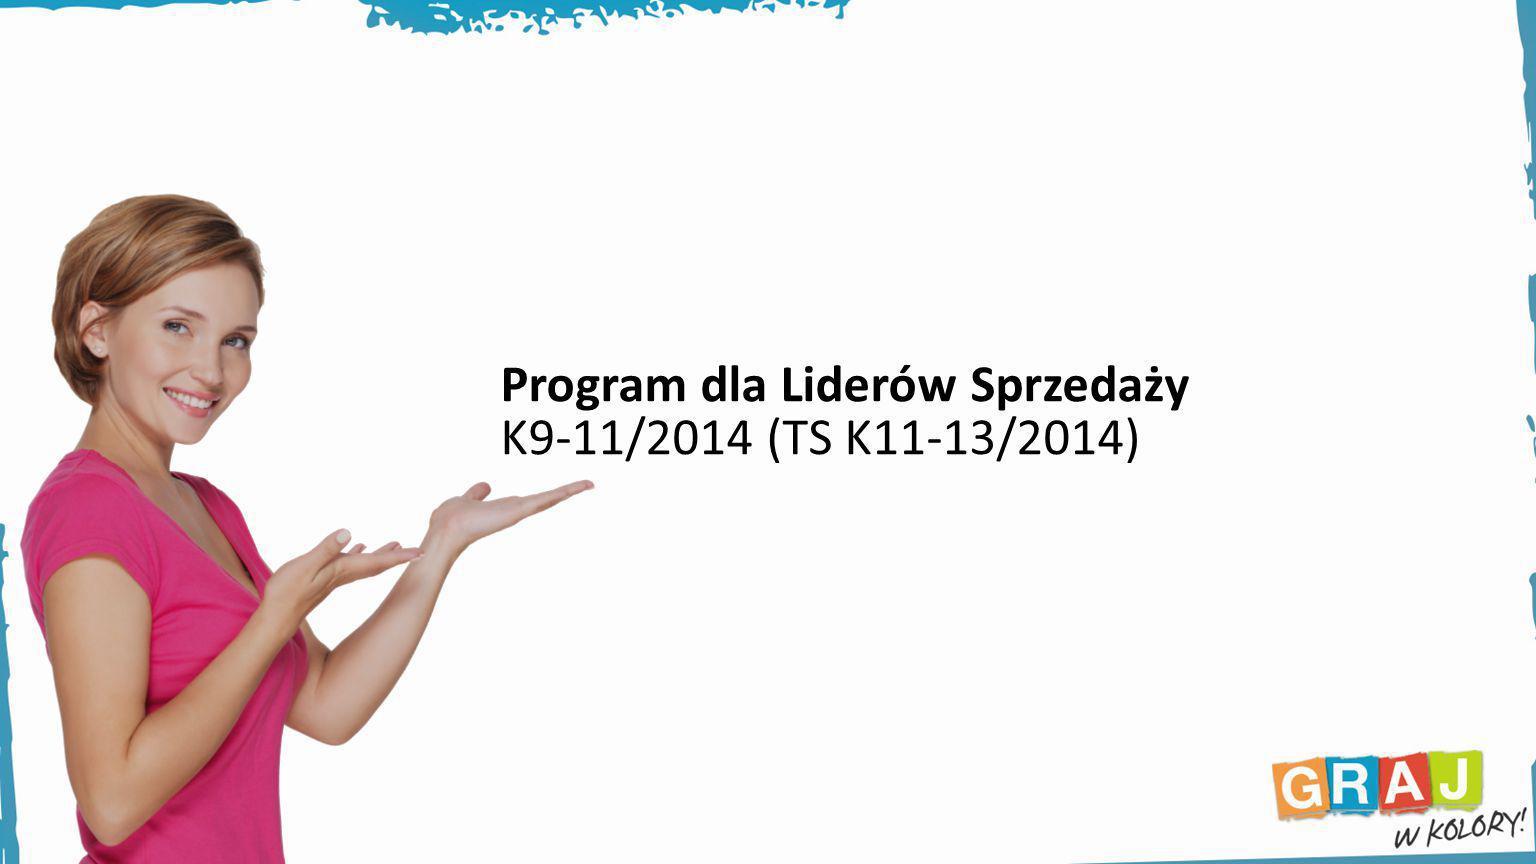 Program dla Liderów Sprzedaży K9-11/2014 (TS K11-13/2014)